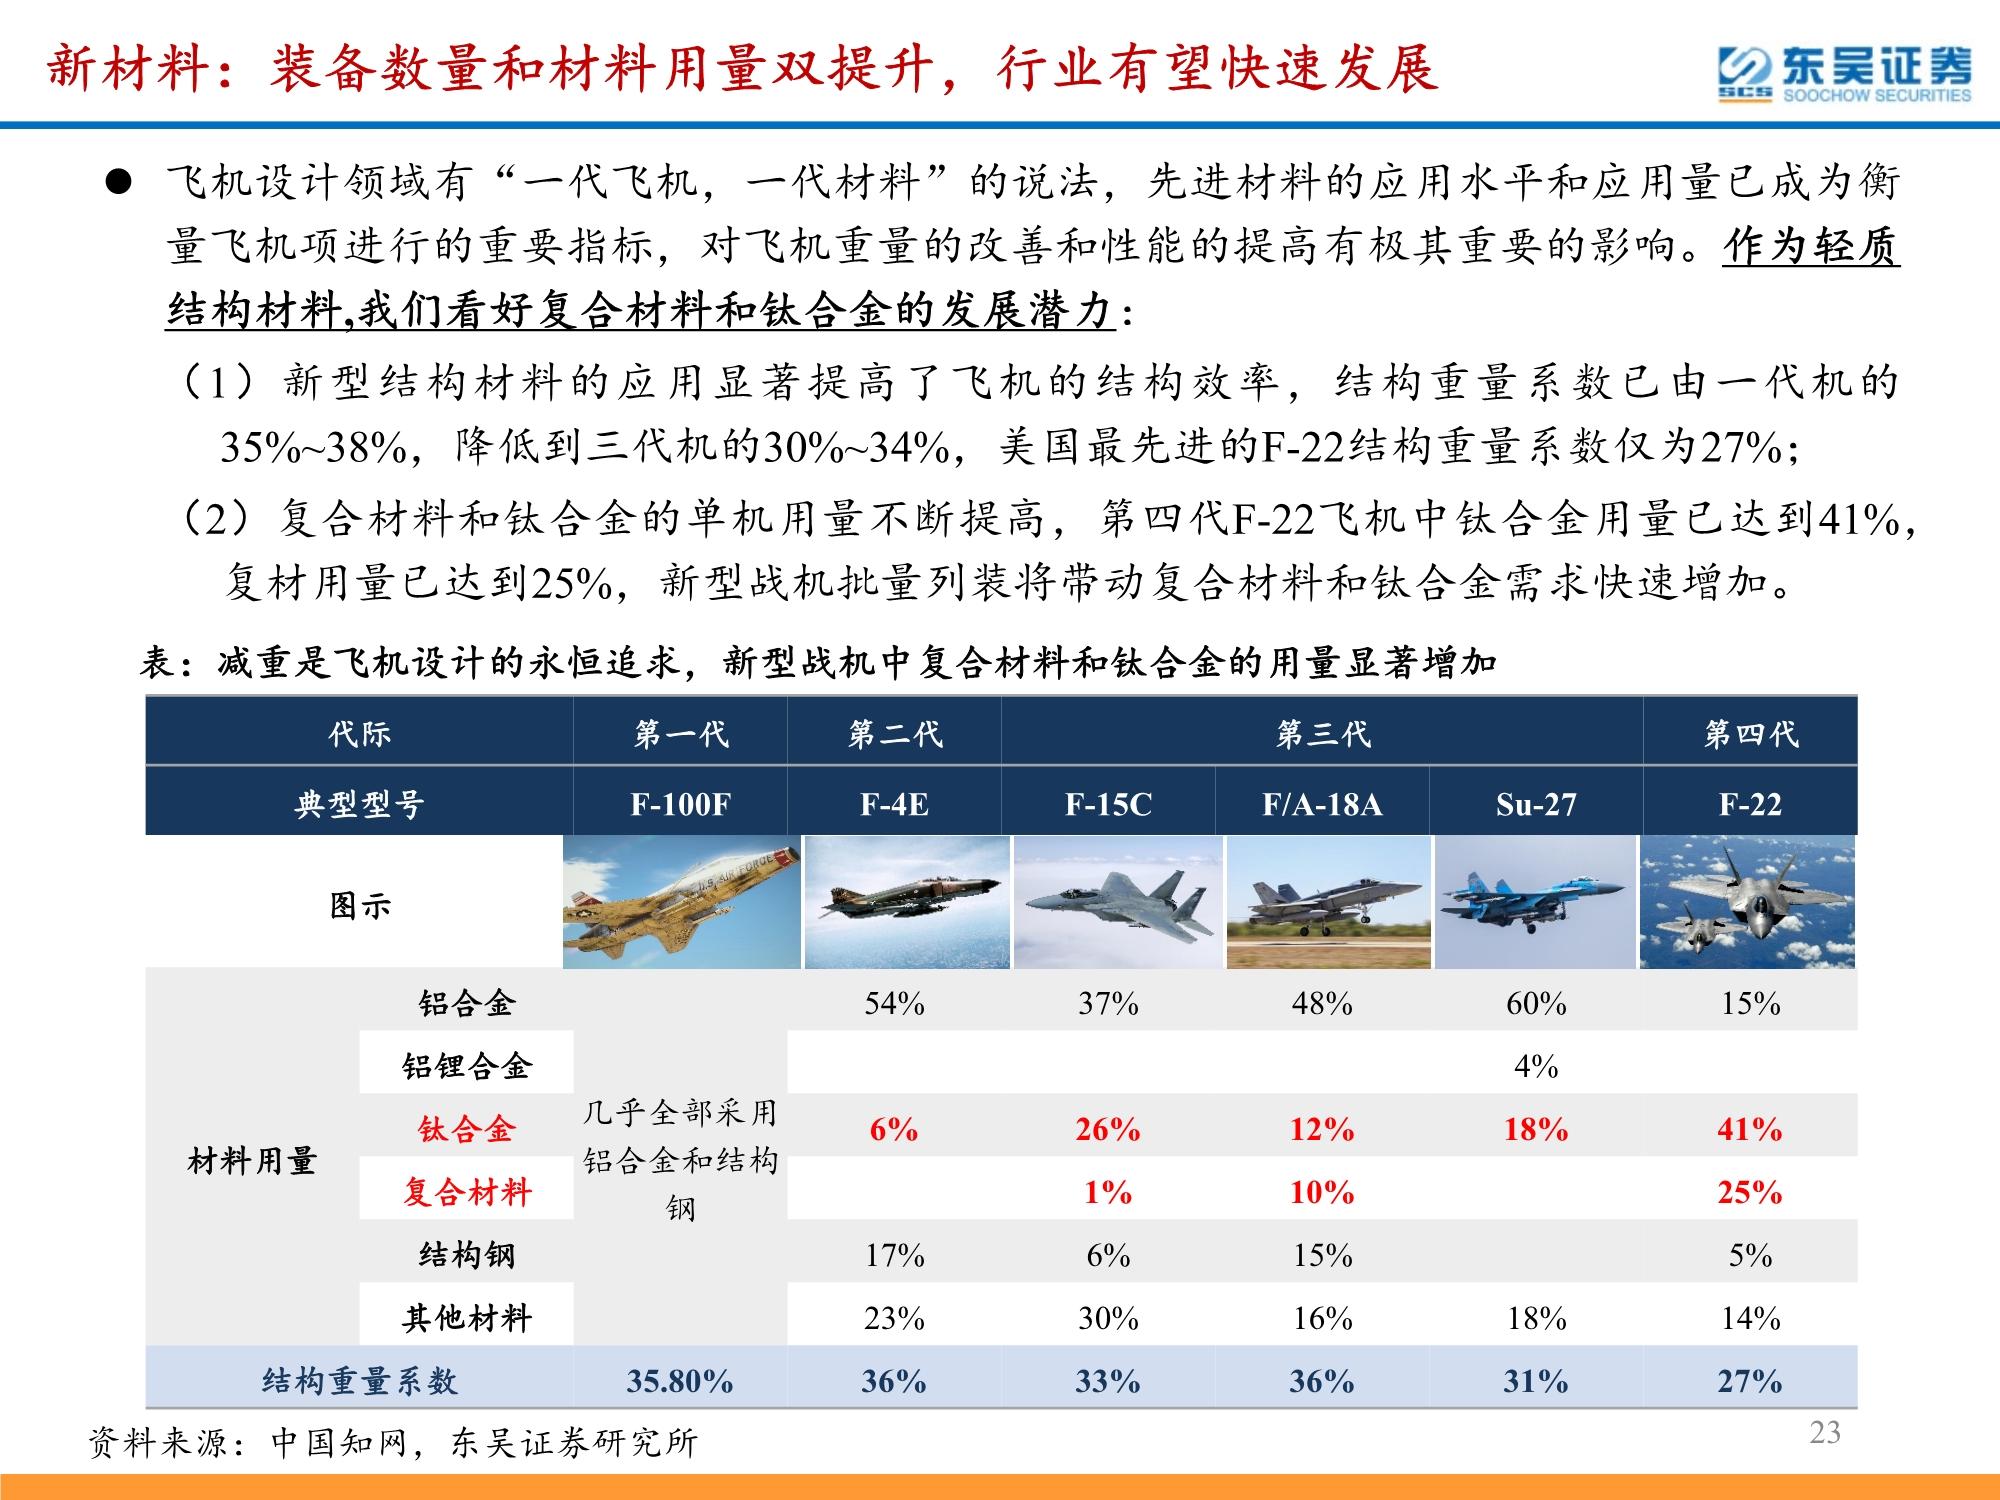 军工行业年度策略:聚焦高景气赛道,成长性与确定性并重